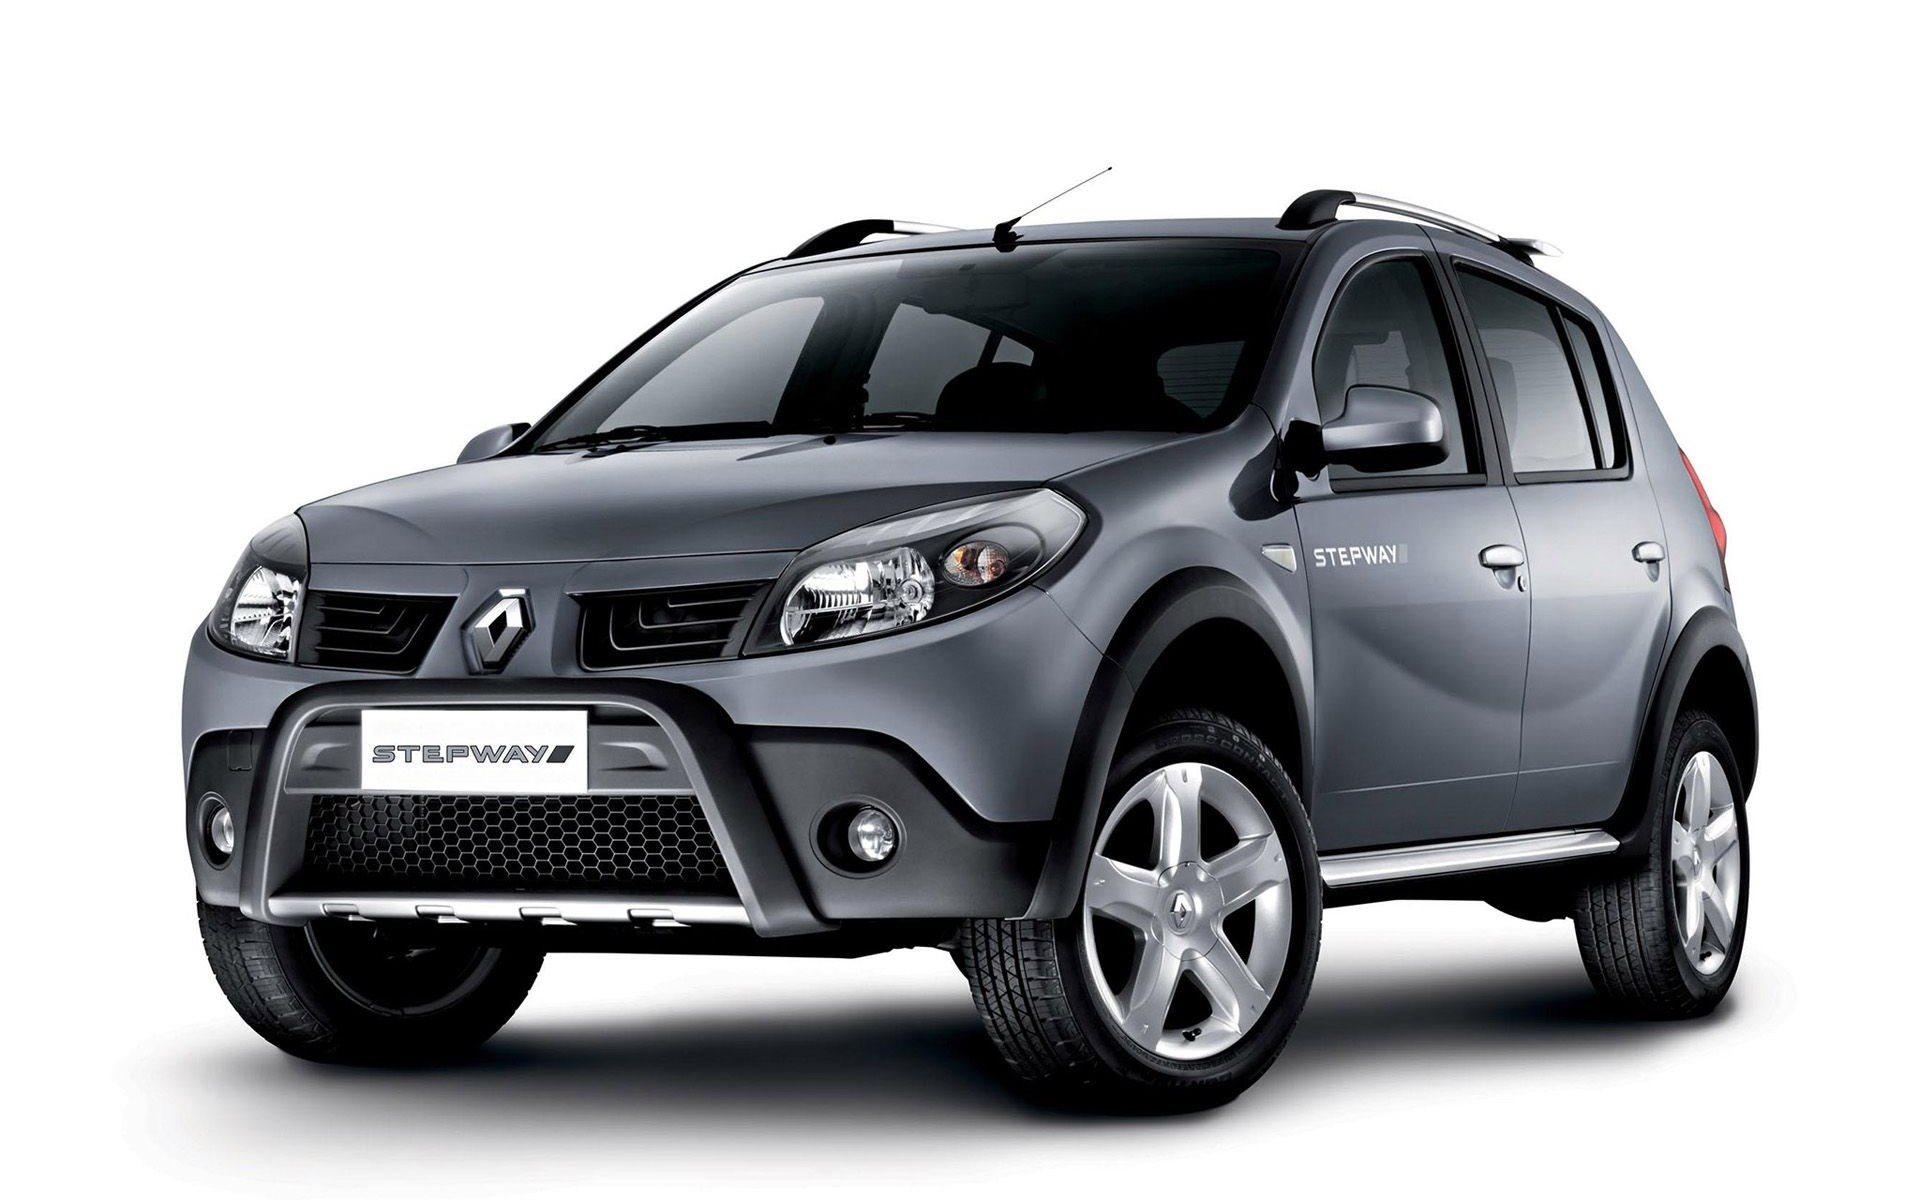 21824 Hintergrundbild herunterladen Transport, Auto, Renault - Bildschirmschoner und Bilder kostenlos